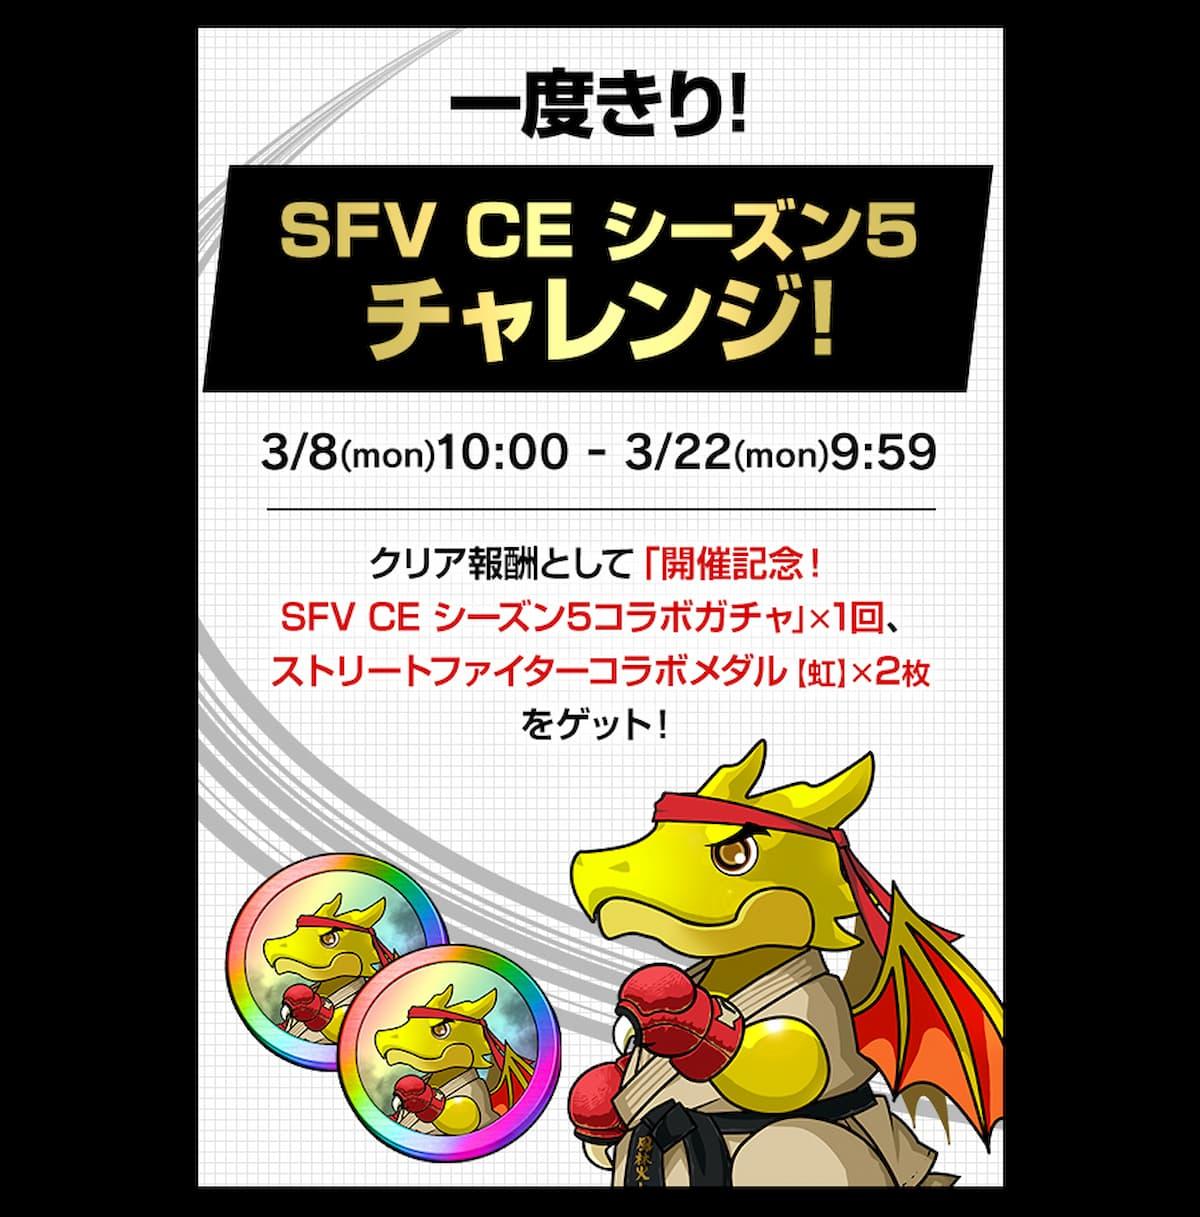 SFV CE シーズン5 チャレンジ!